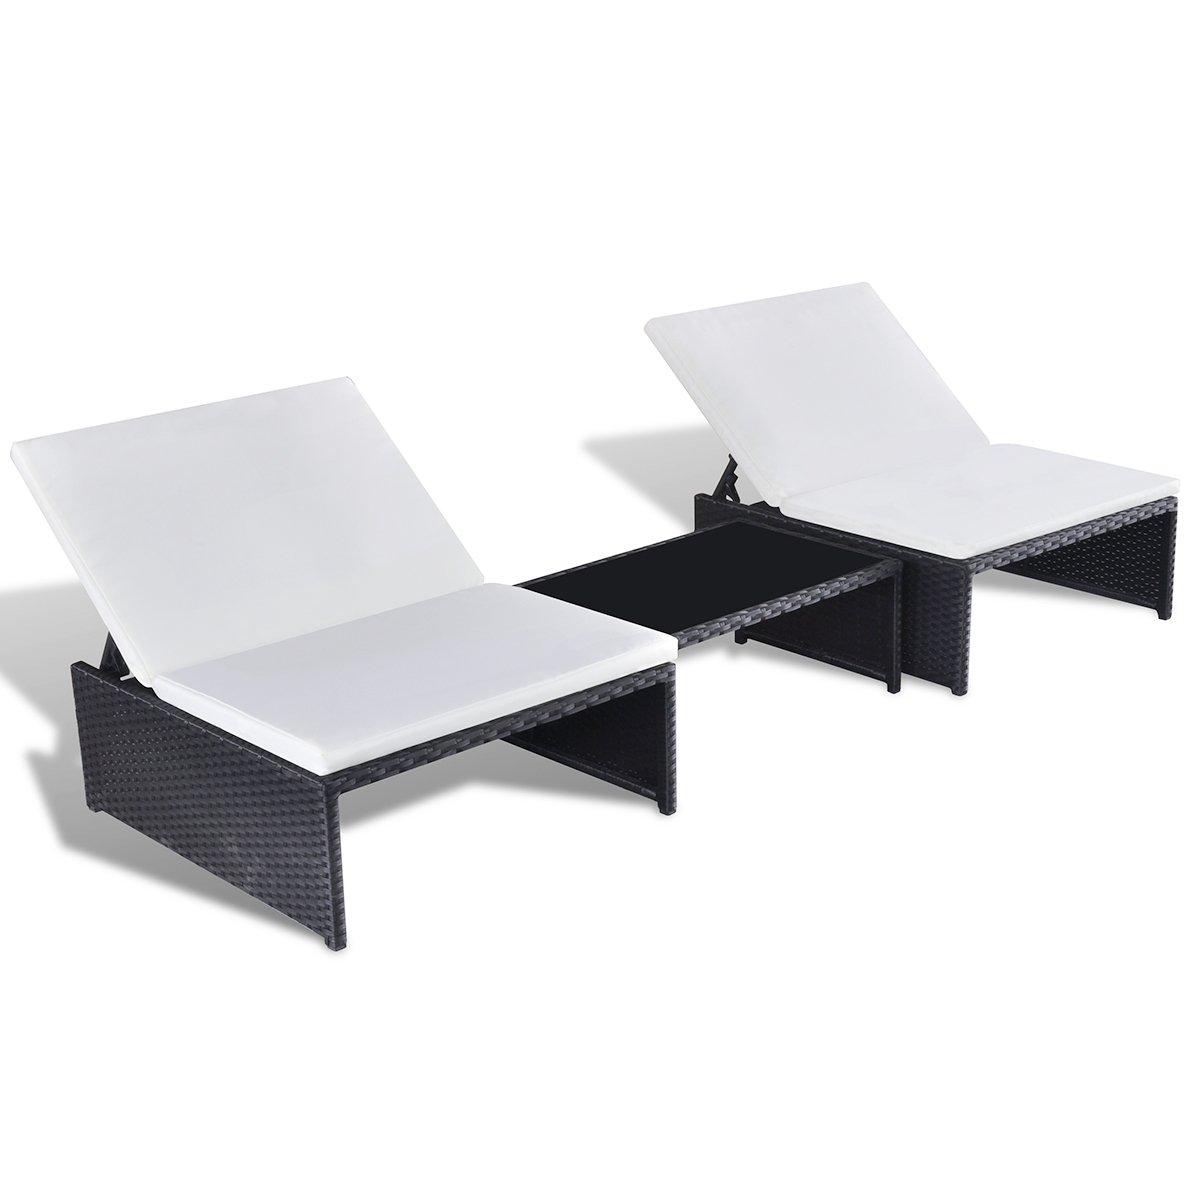 Rattan sonnenliege  SSITG Poly Rattan Sonnenliege Lounge 2-er Liege Gartenmöbel Tisch ...